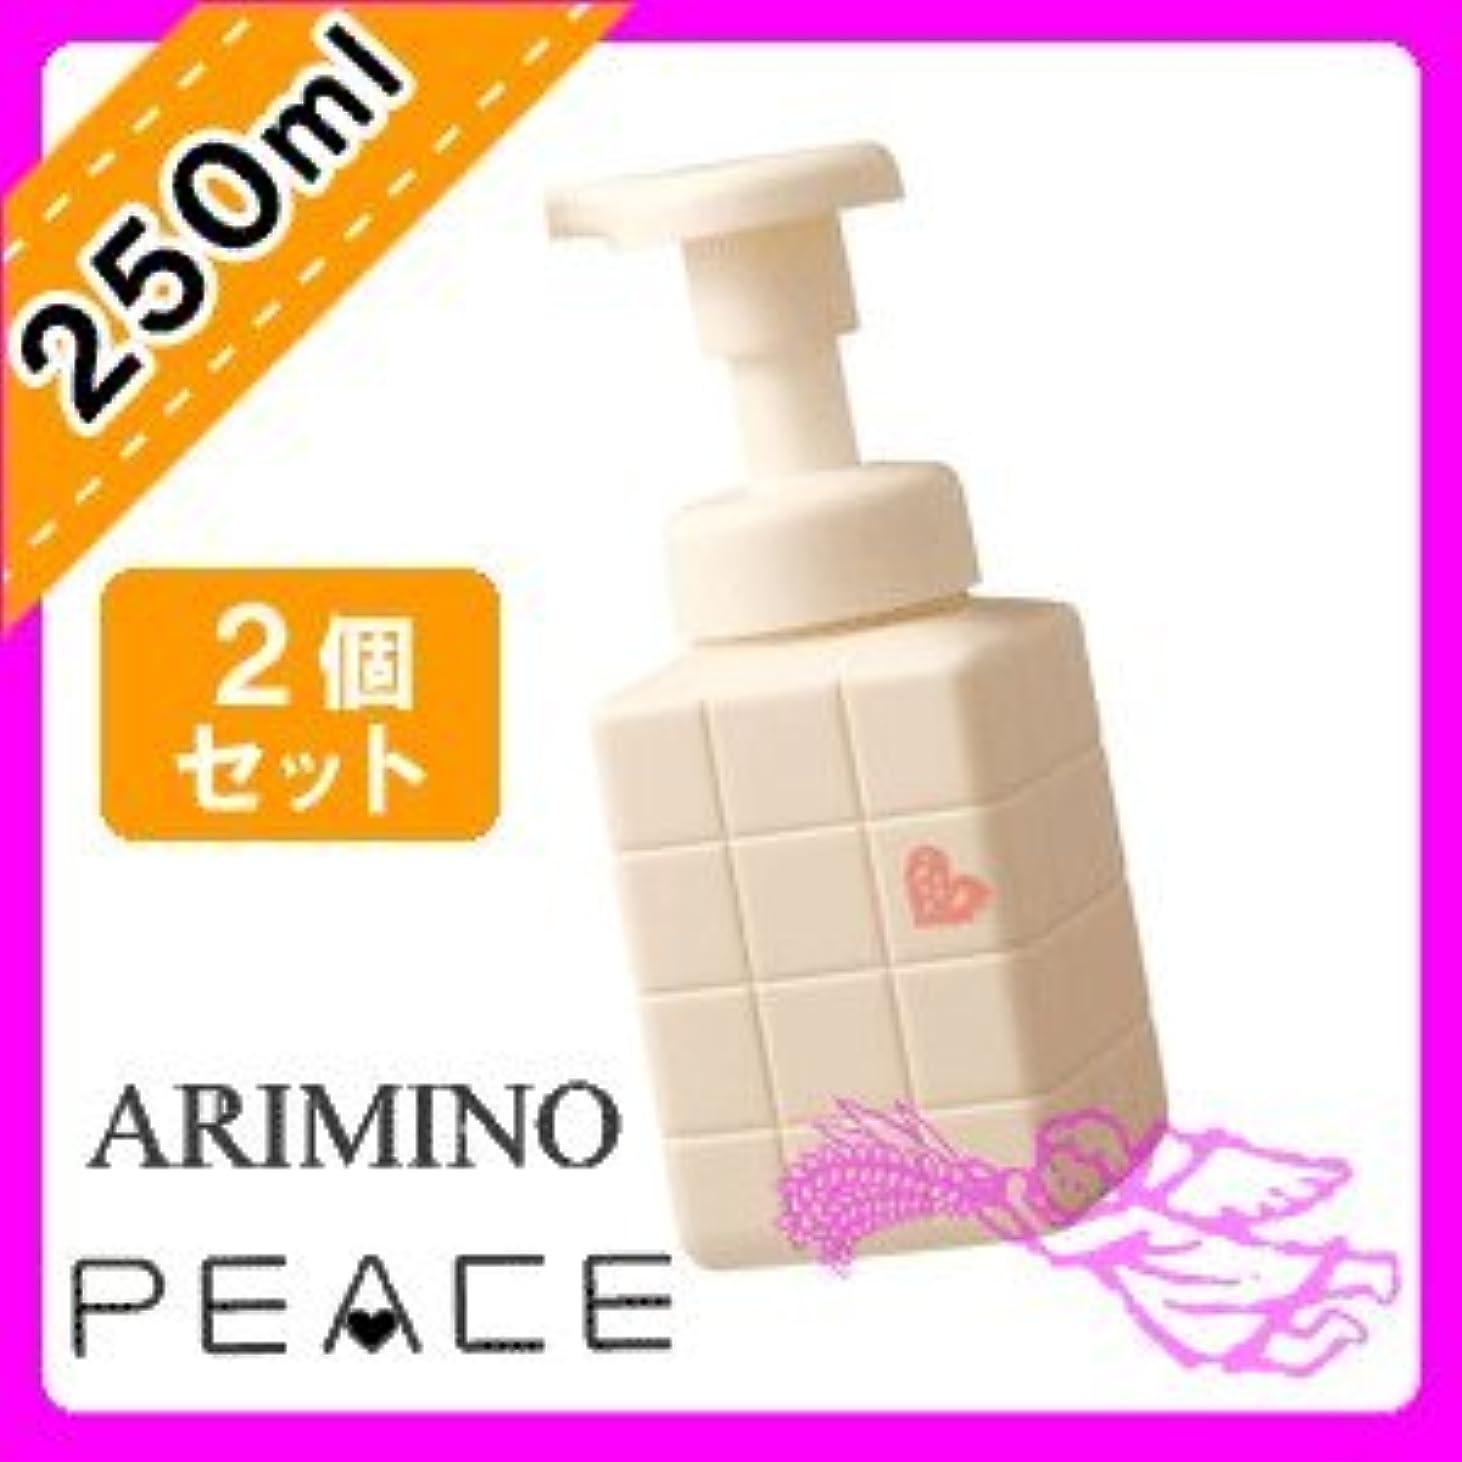 考えたそこから人気のアリミノ ピース ホイップワックス PEACE ナチュラルウェーブ ホイップ250mL ×2個 セット arimino PEACE